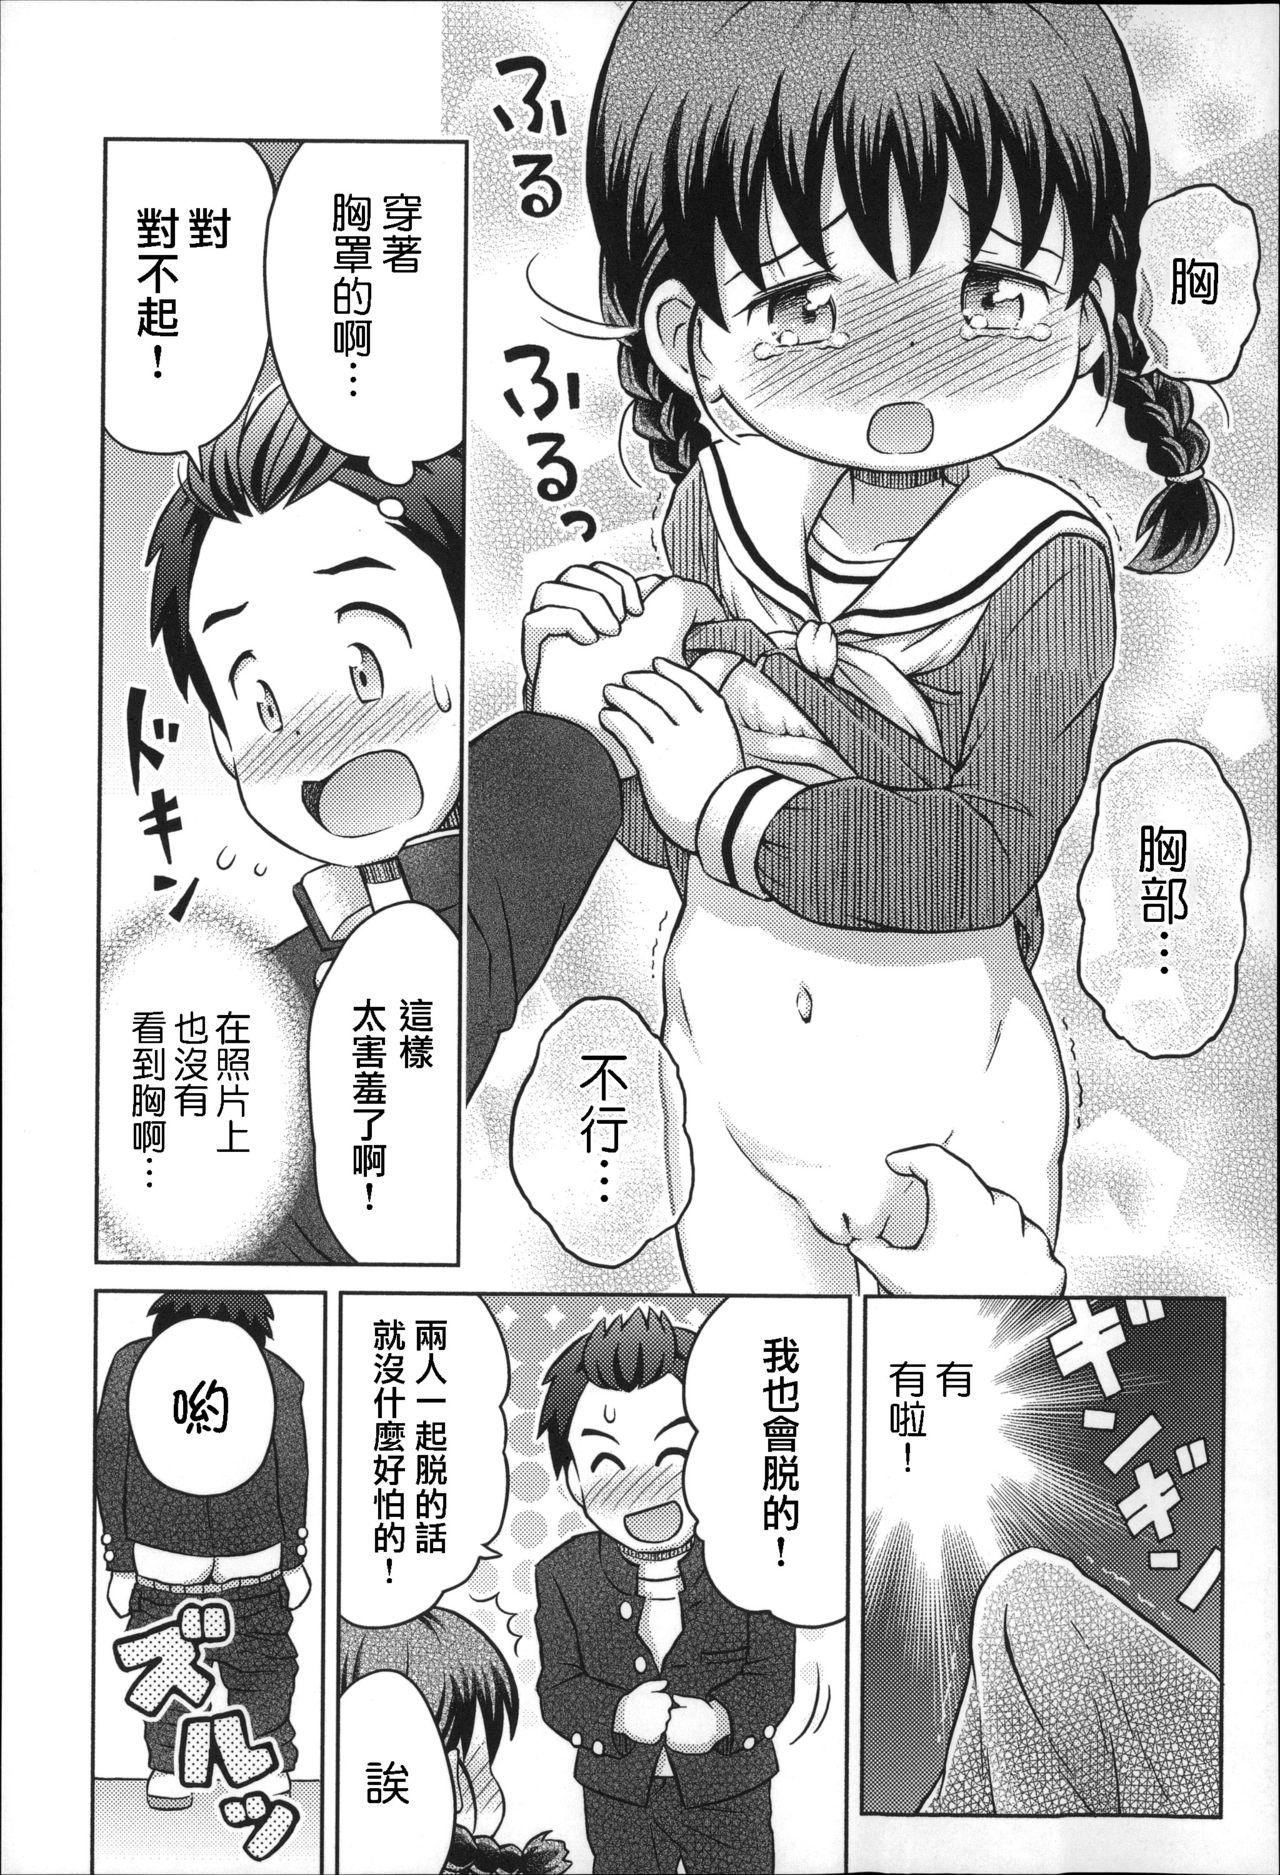 Niji Lo 3-nensei 59